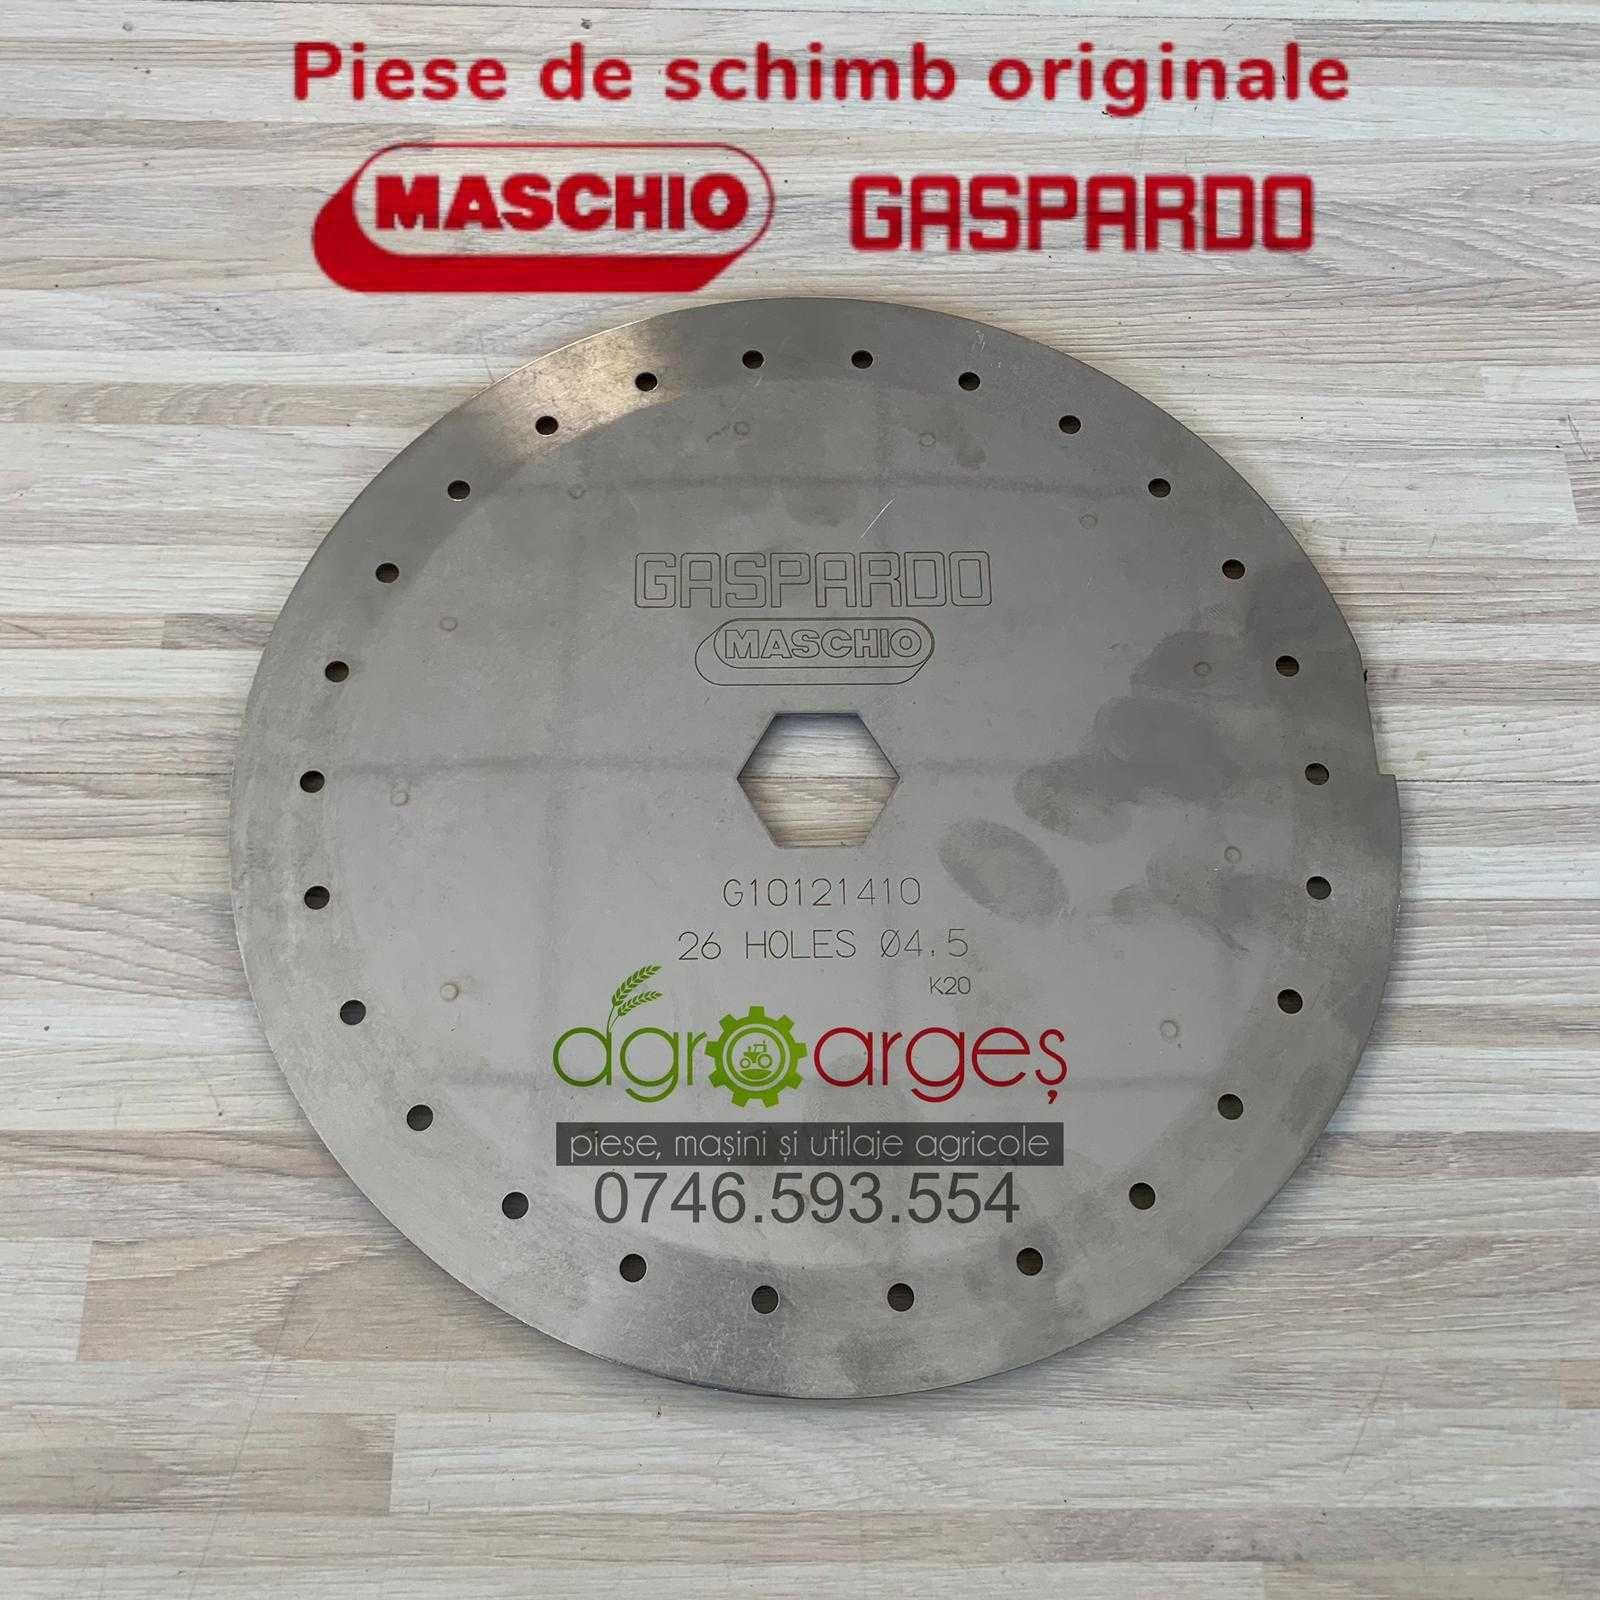 Disc seminte gaspardo 26 gauri x 4,5 original G10121410R